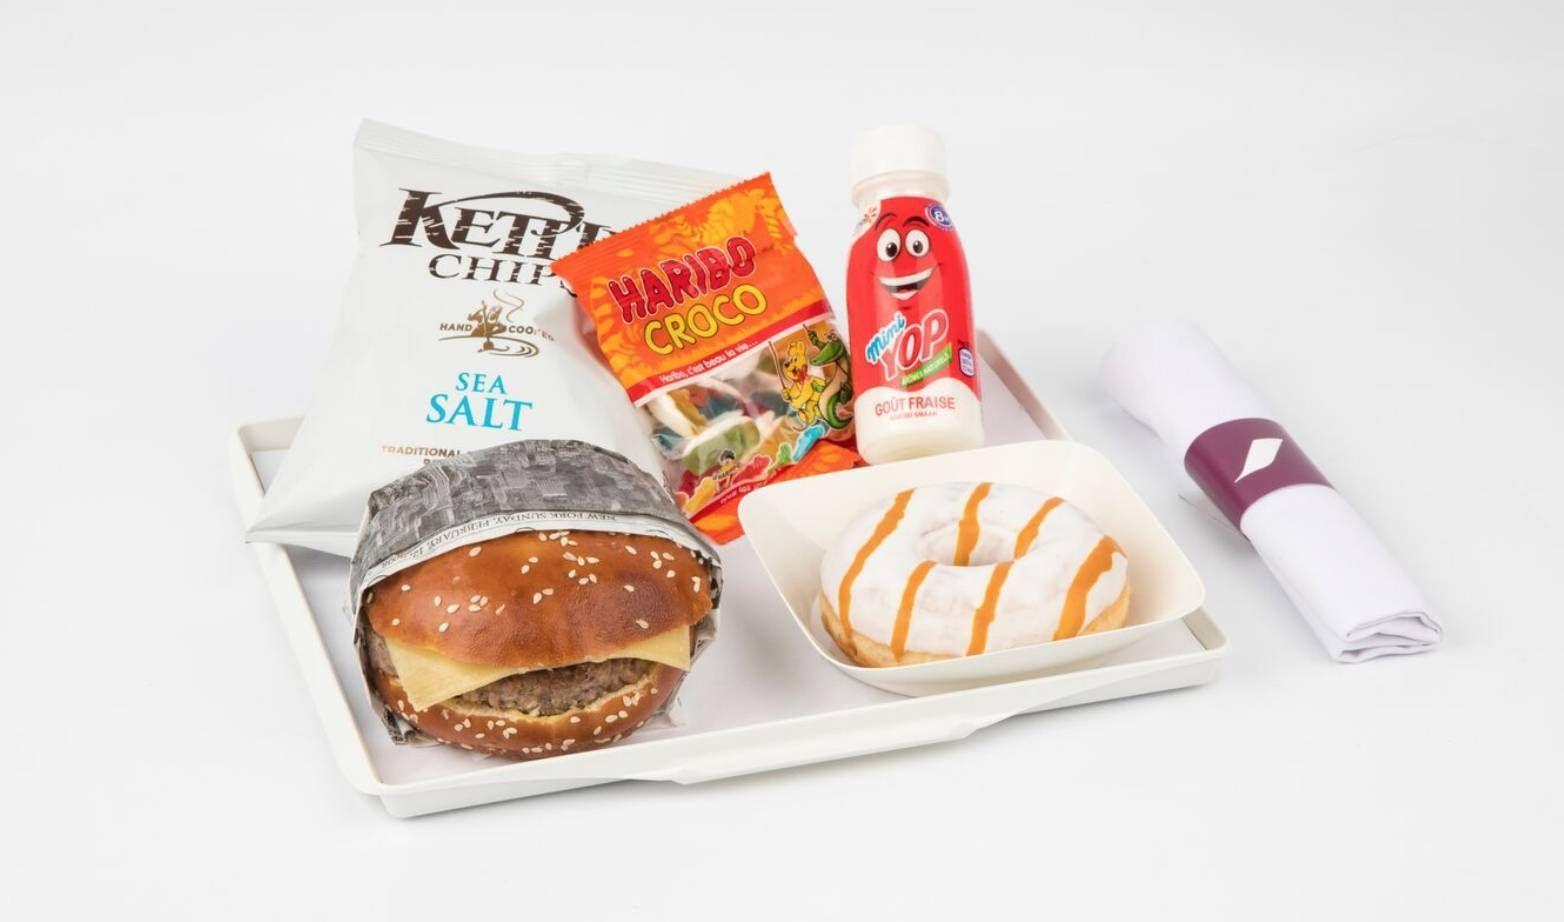 Air France vai servir cheeseburger e donuts na classe econômica